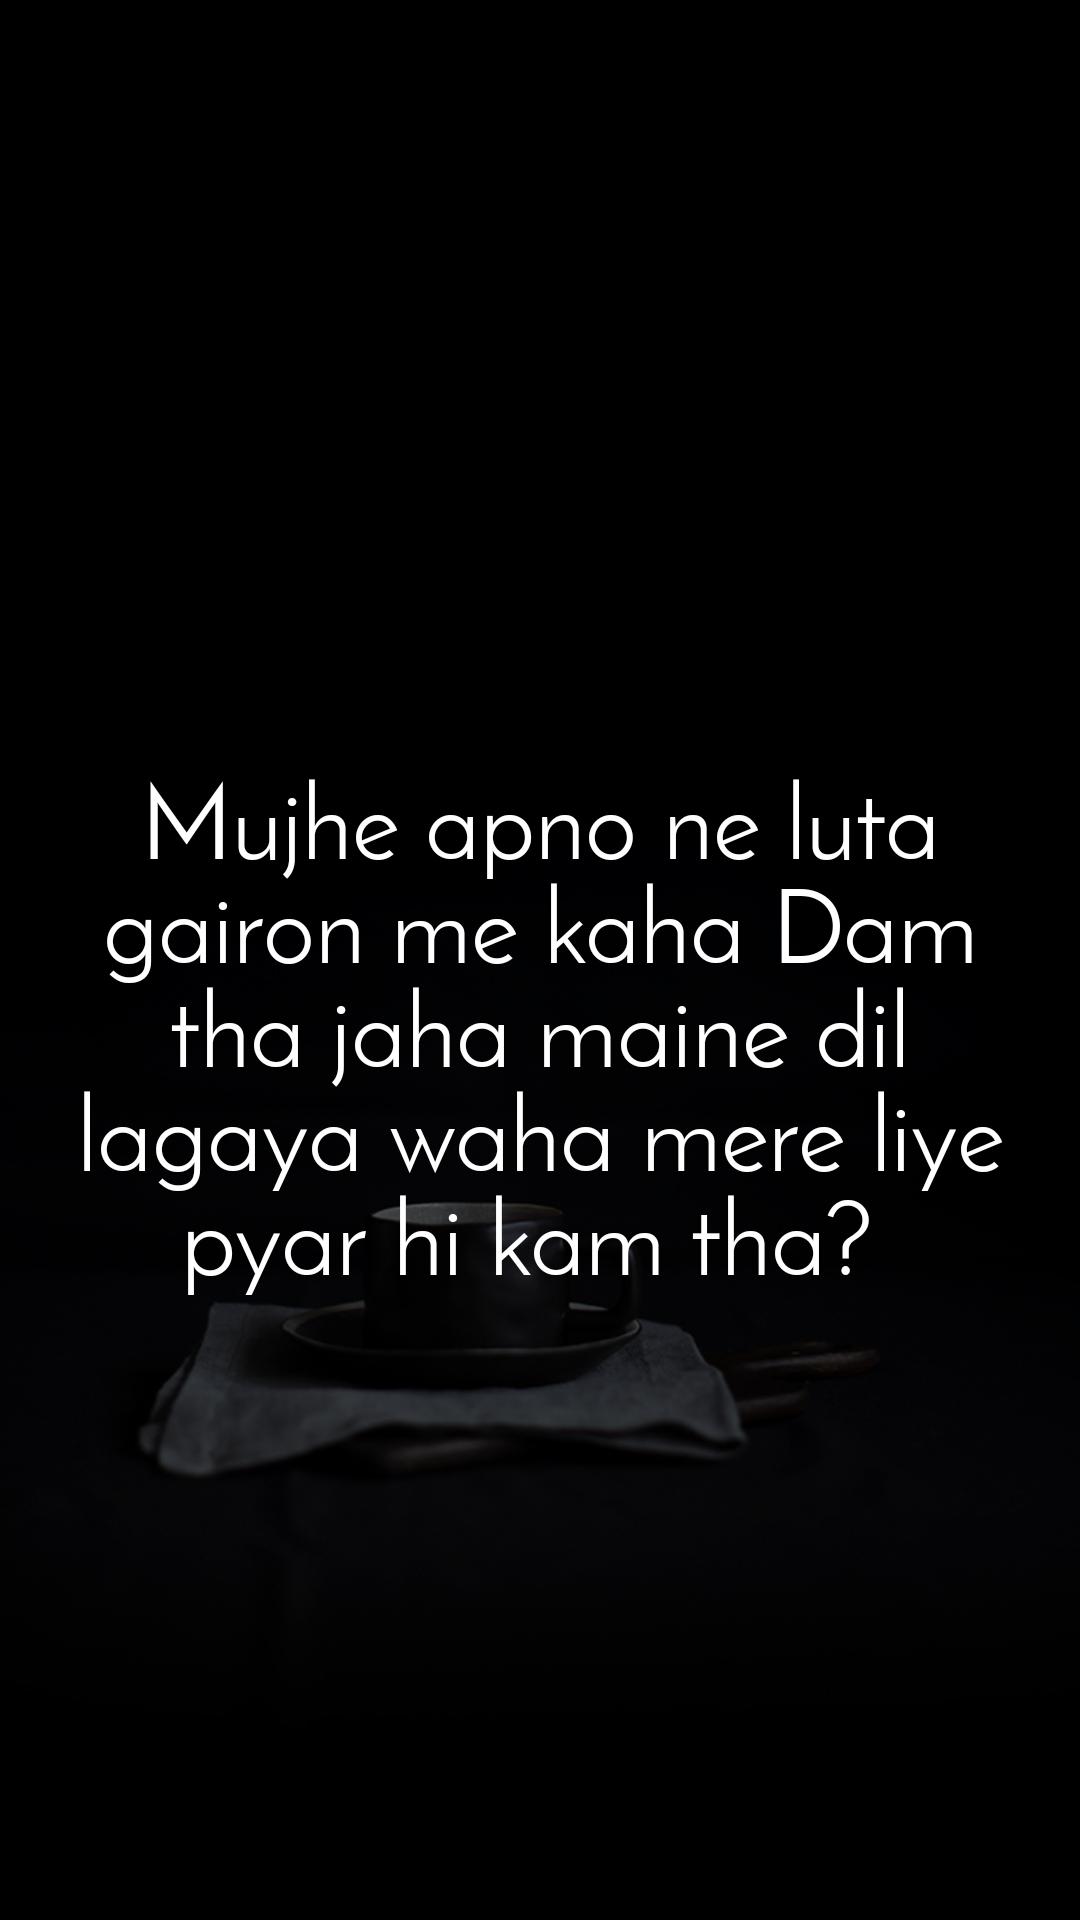 Mujhe apno ne luta gairon me kaha Dam tha jaha maine dil lagaya waha mere liye pyar hi kam tha?